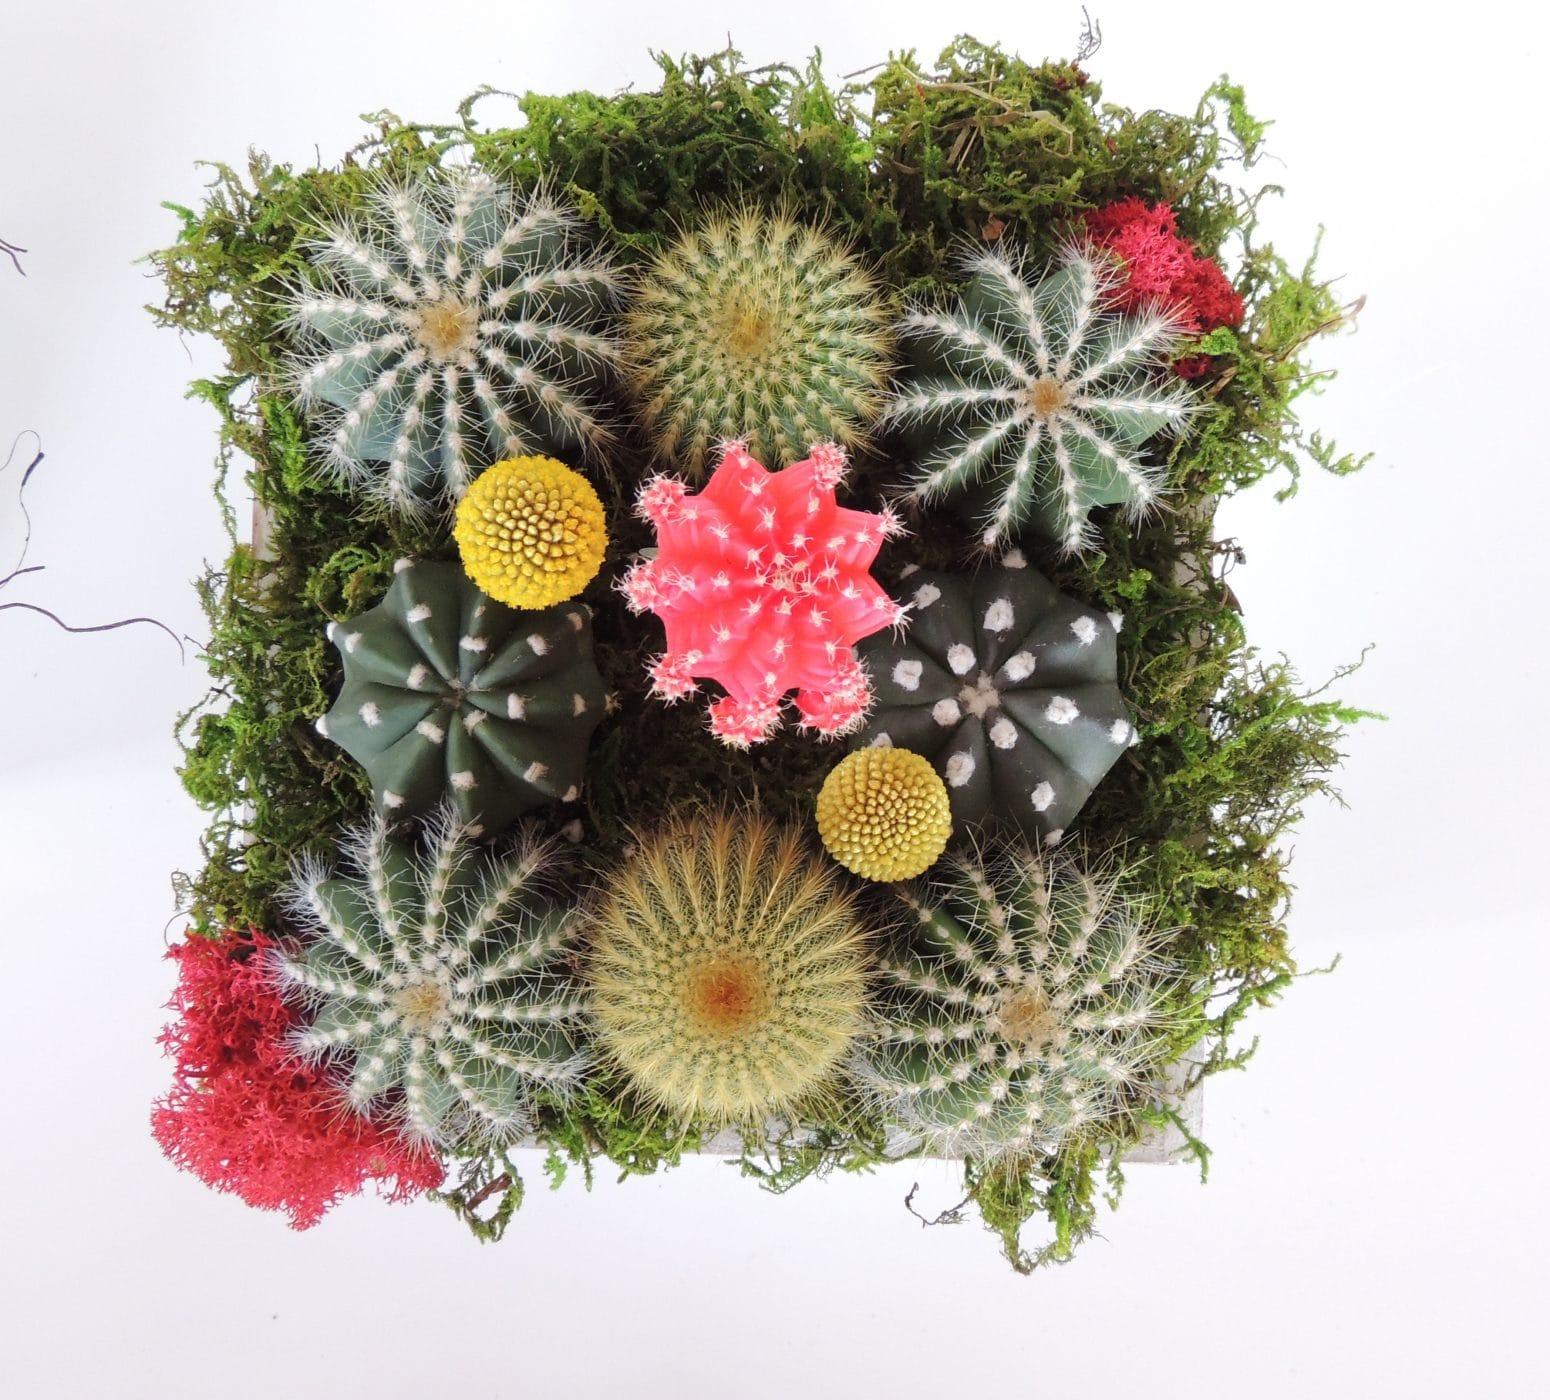 Cactus Gift Arrangement In Wooden Box